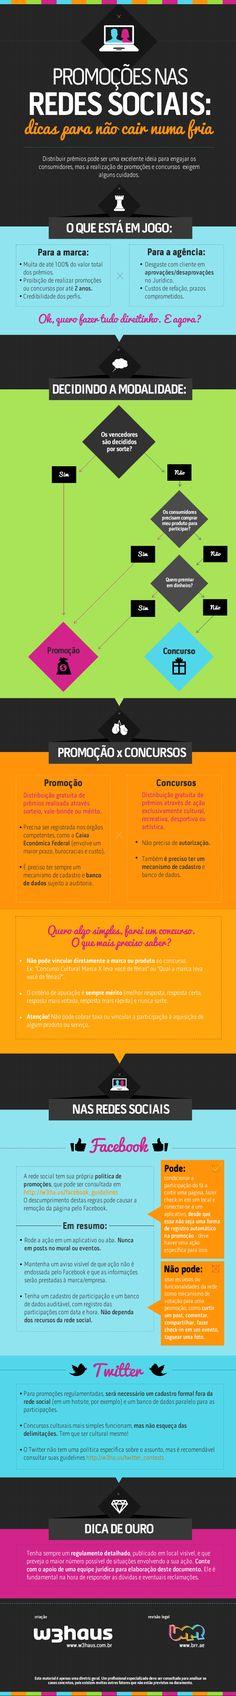 Infográfico: Promoções nas redes sociais.